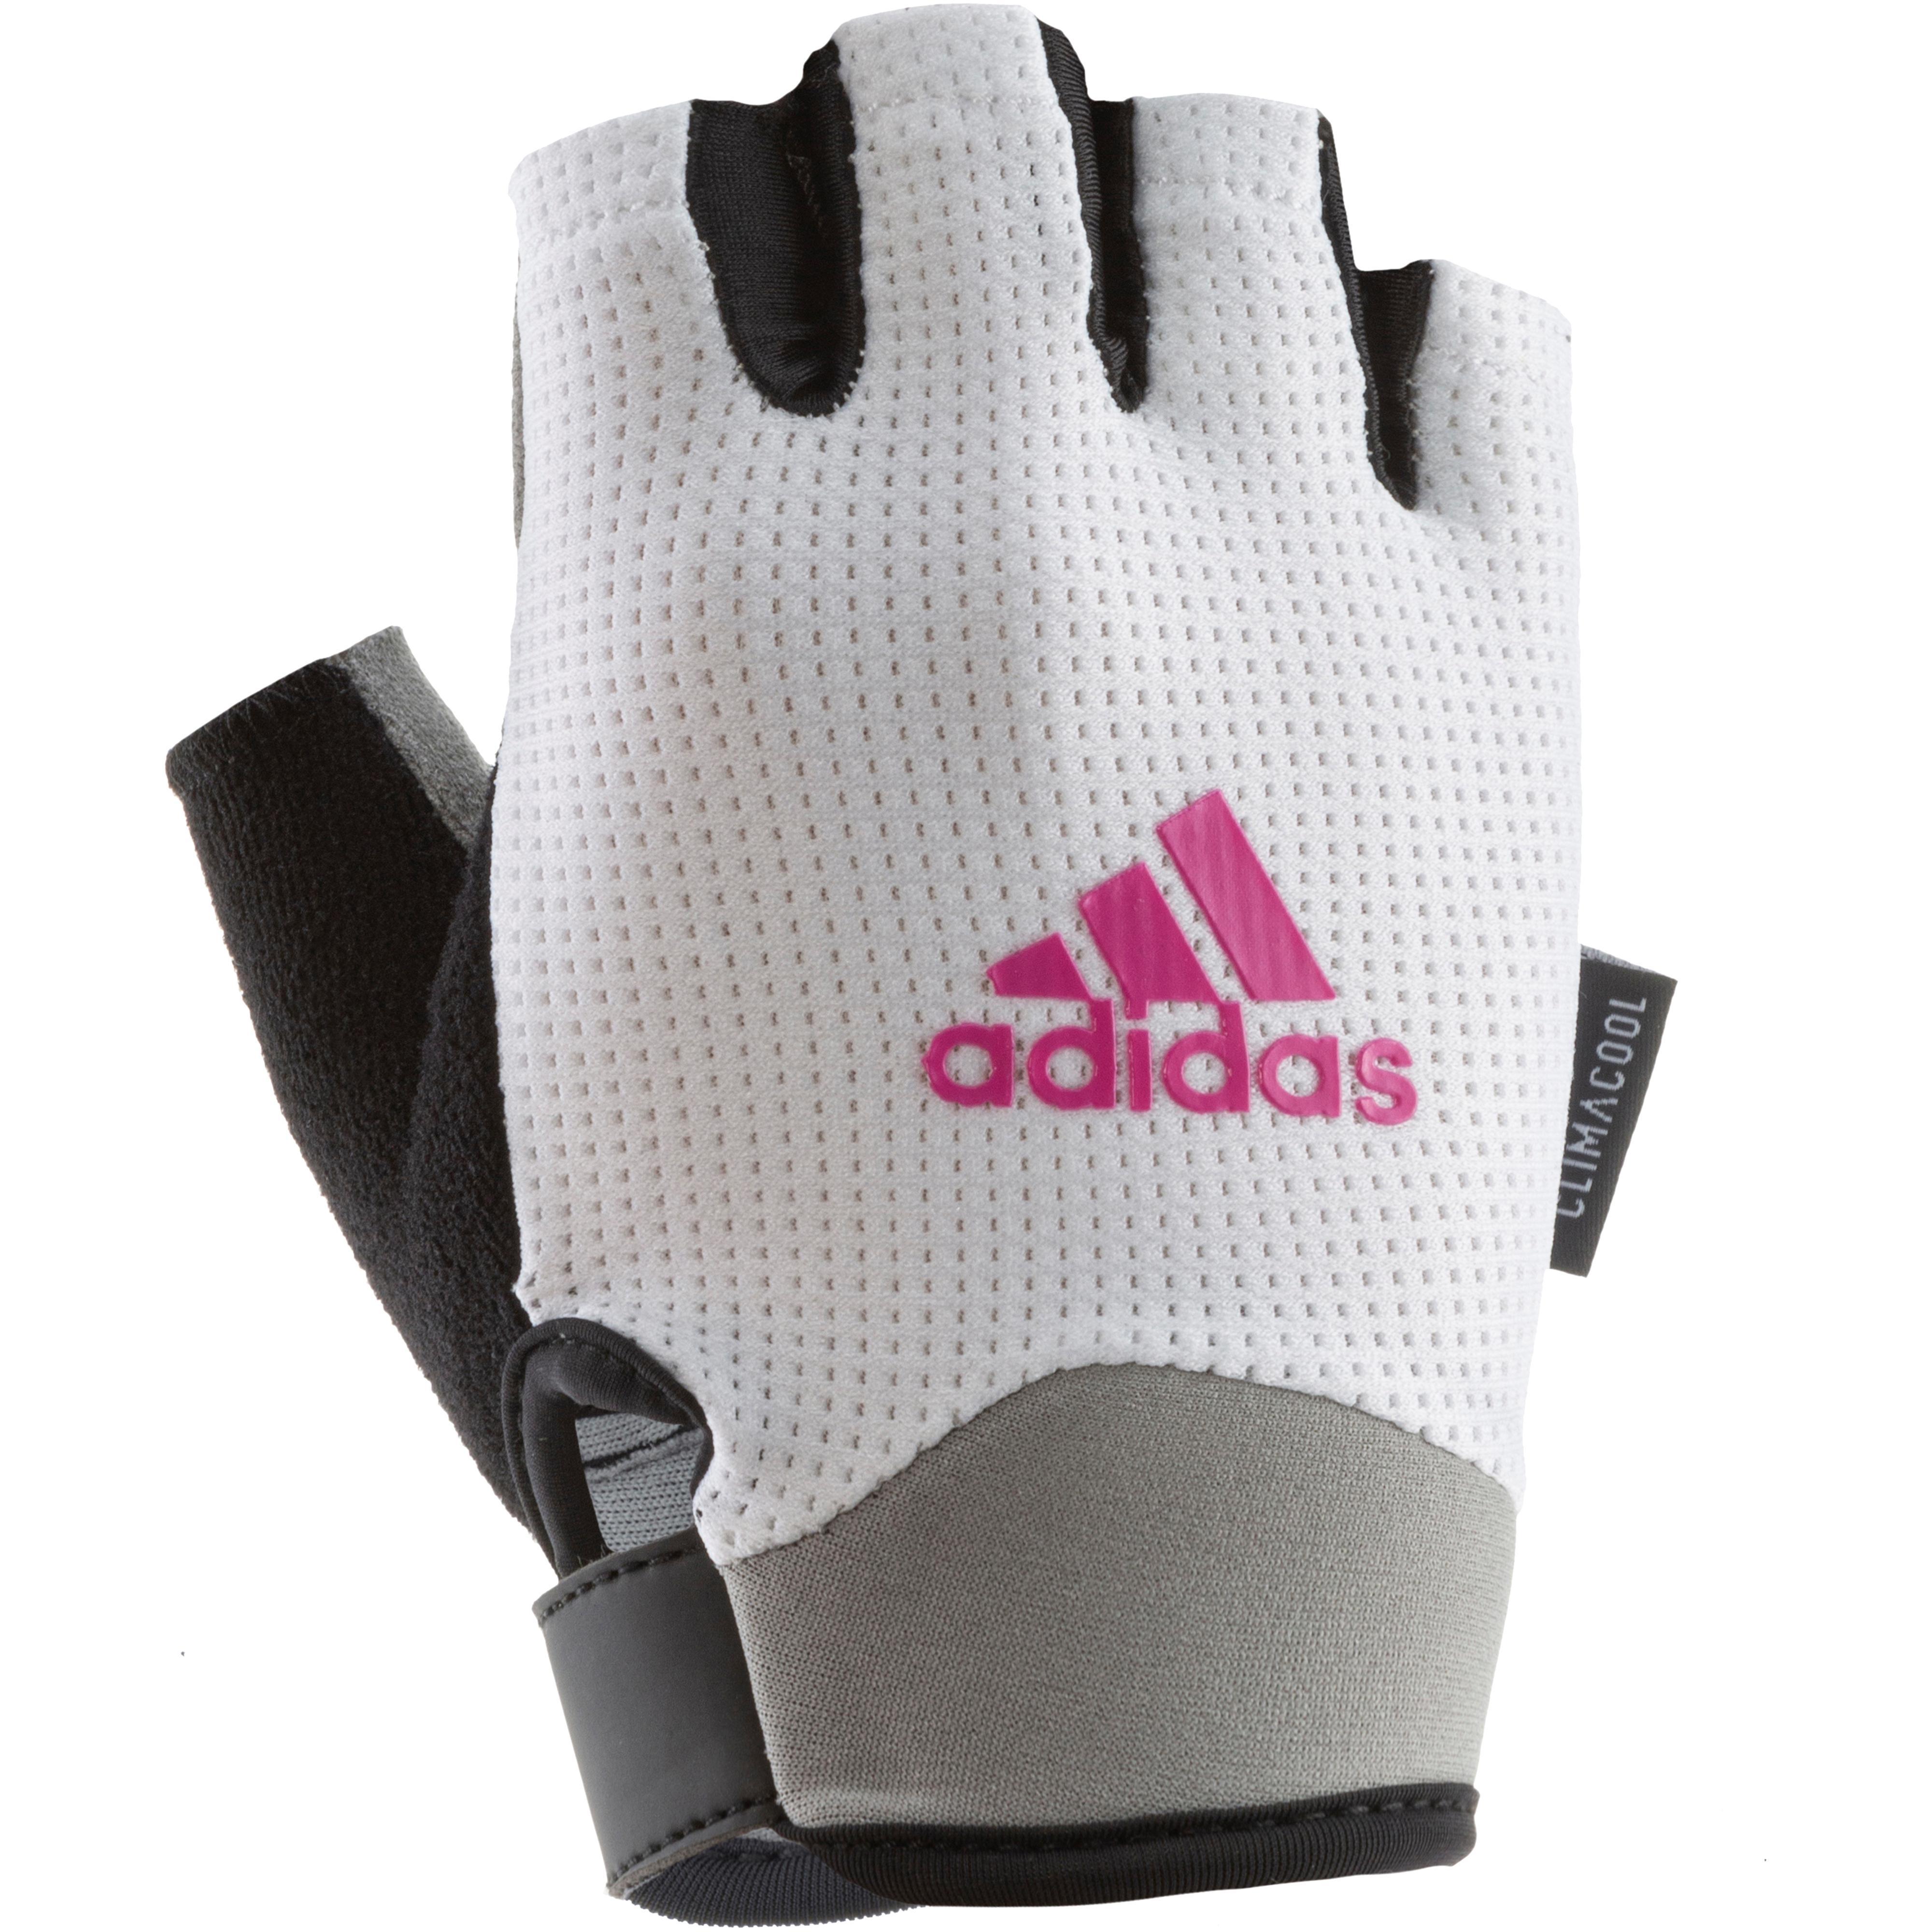 adidas Fitnesshandschuhe Damen weiß im Online Shop von SportScheck kaufen